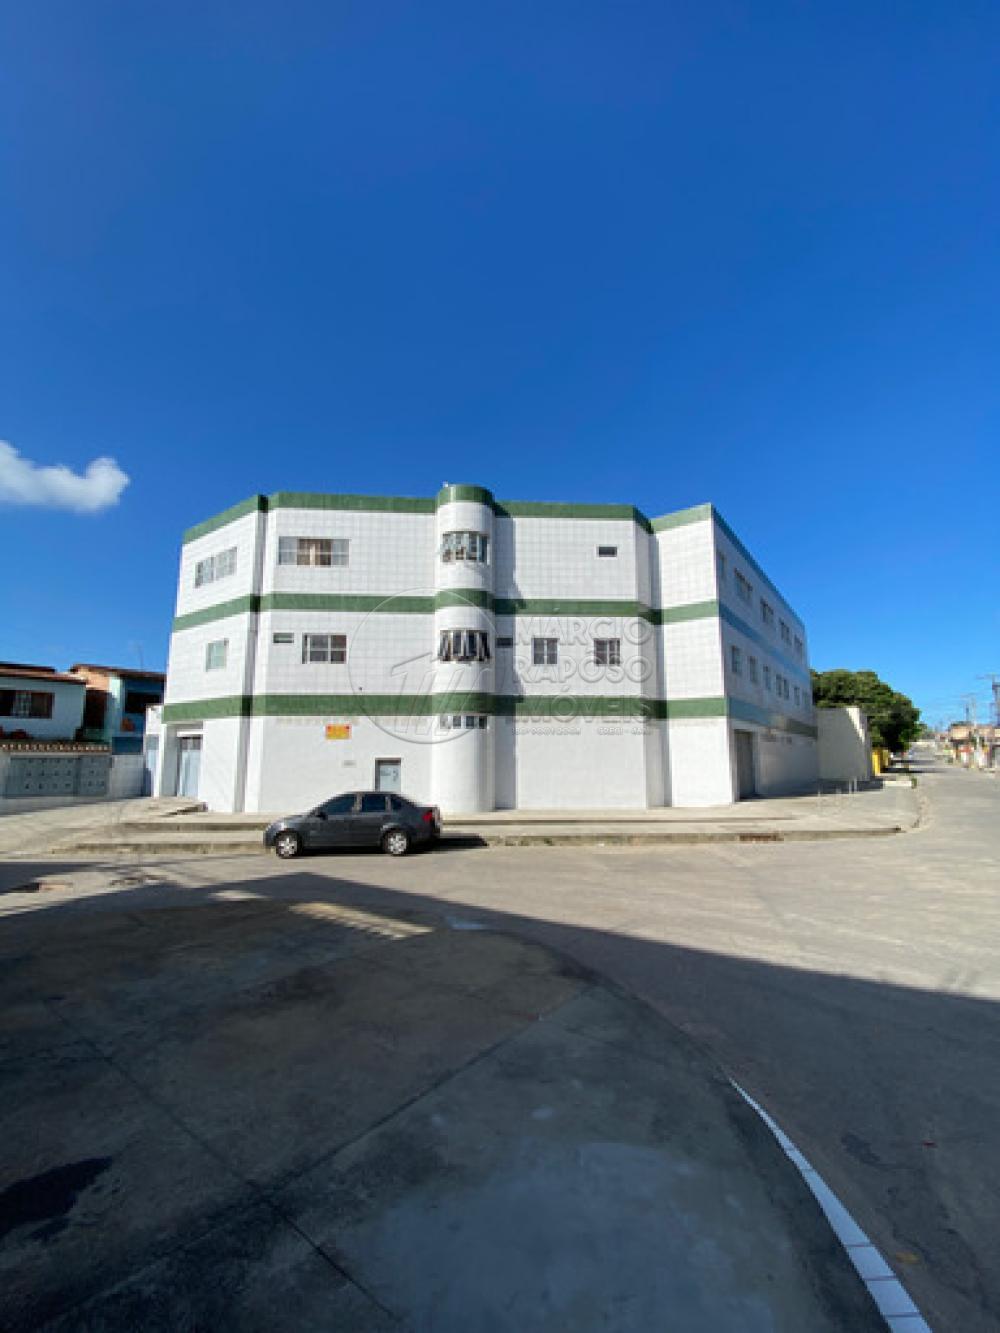 PRÉDIO COMERCIAL  Terreno com 770m² de área, com edificação semi-pronta de 20 apartamentos: sendo 2 apartamntos de 1/4, 15 apartamentos de 2/4 E 3 apartamentos de 3/4, mais: garagens para 10 carros, 4 pontos comerciaos, 3 pavilhões, composto por terreo e o 1 e 2 andar com 10 apartamentos (CADA).